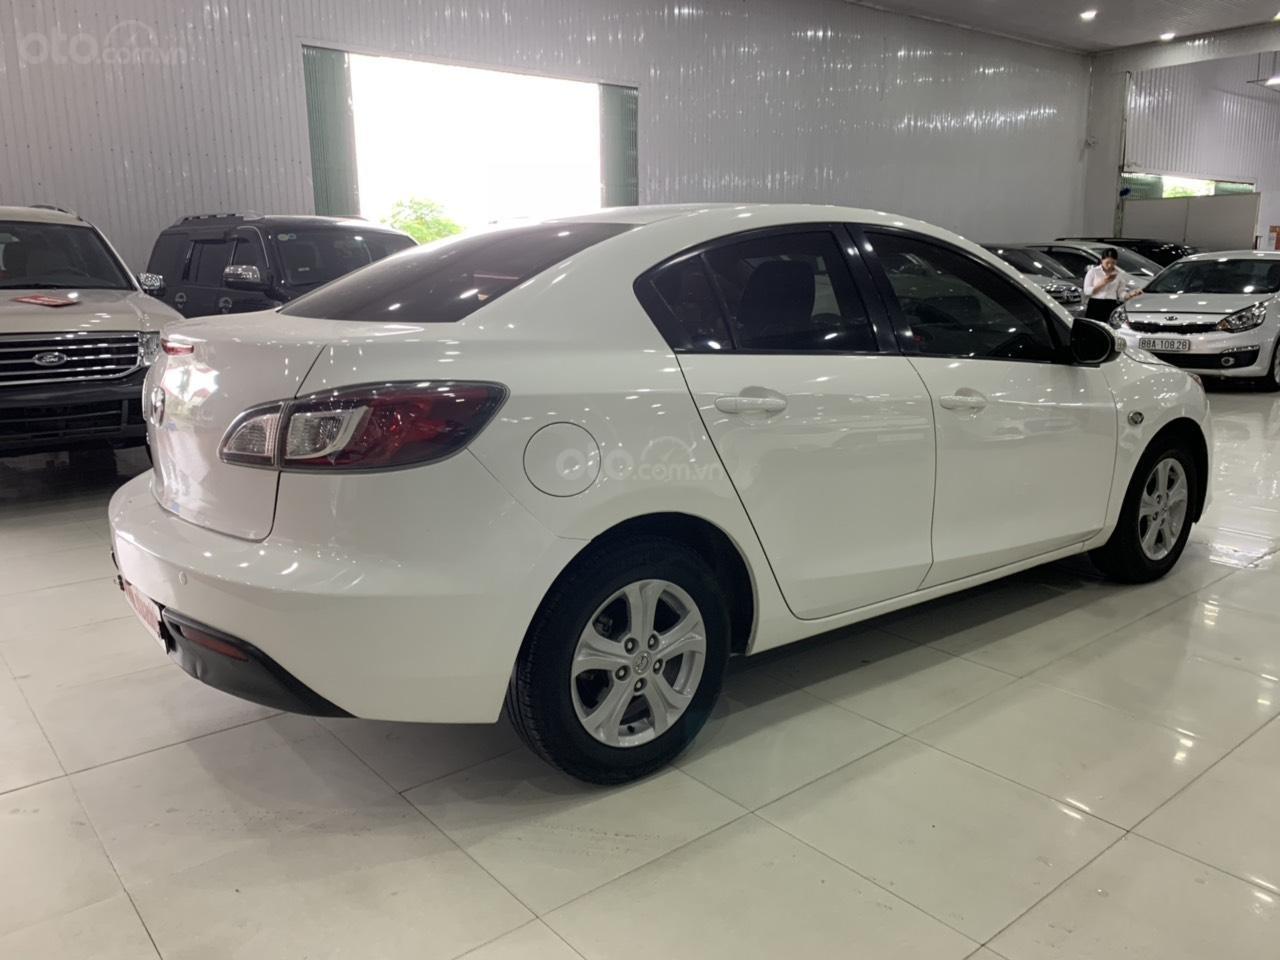 Bán xe Mazda 3 sản xuất năm 2010, màu trắng, xe nhập-2